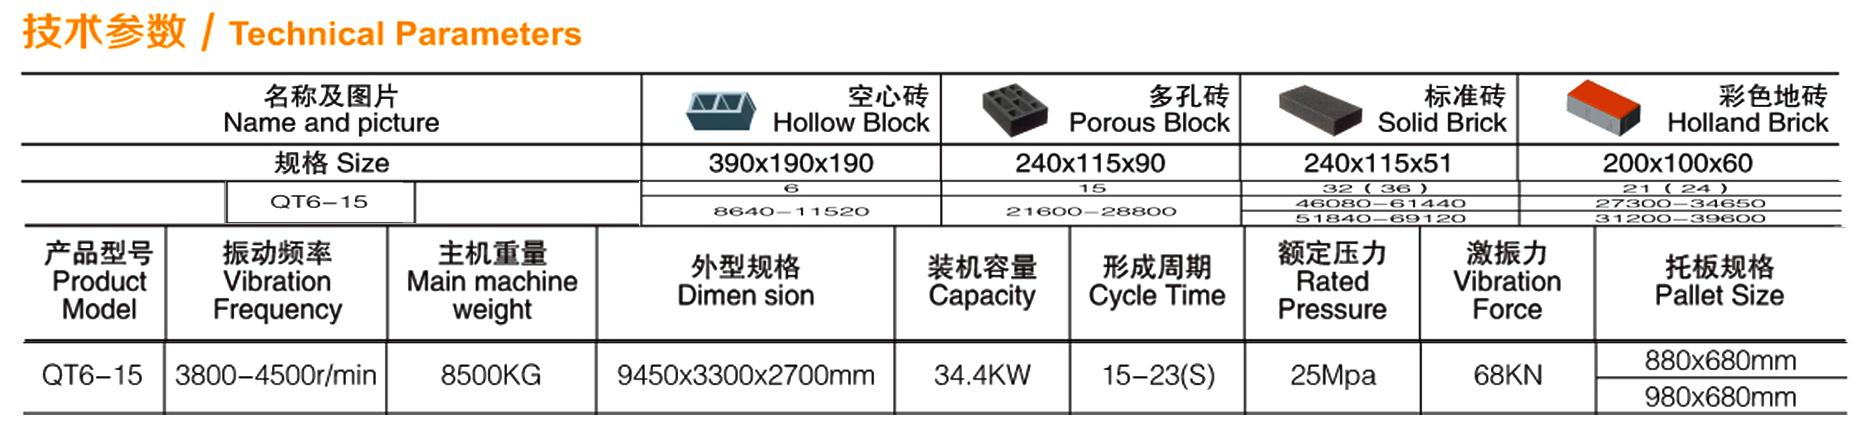 全自动制砖机QT6-15参数